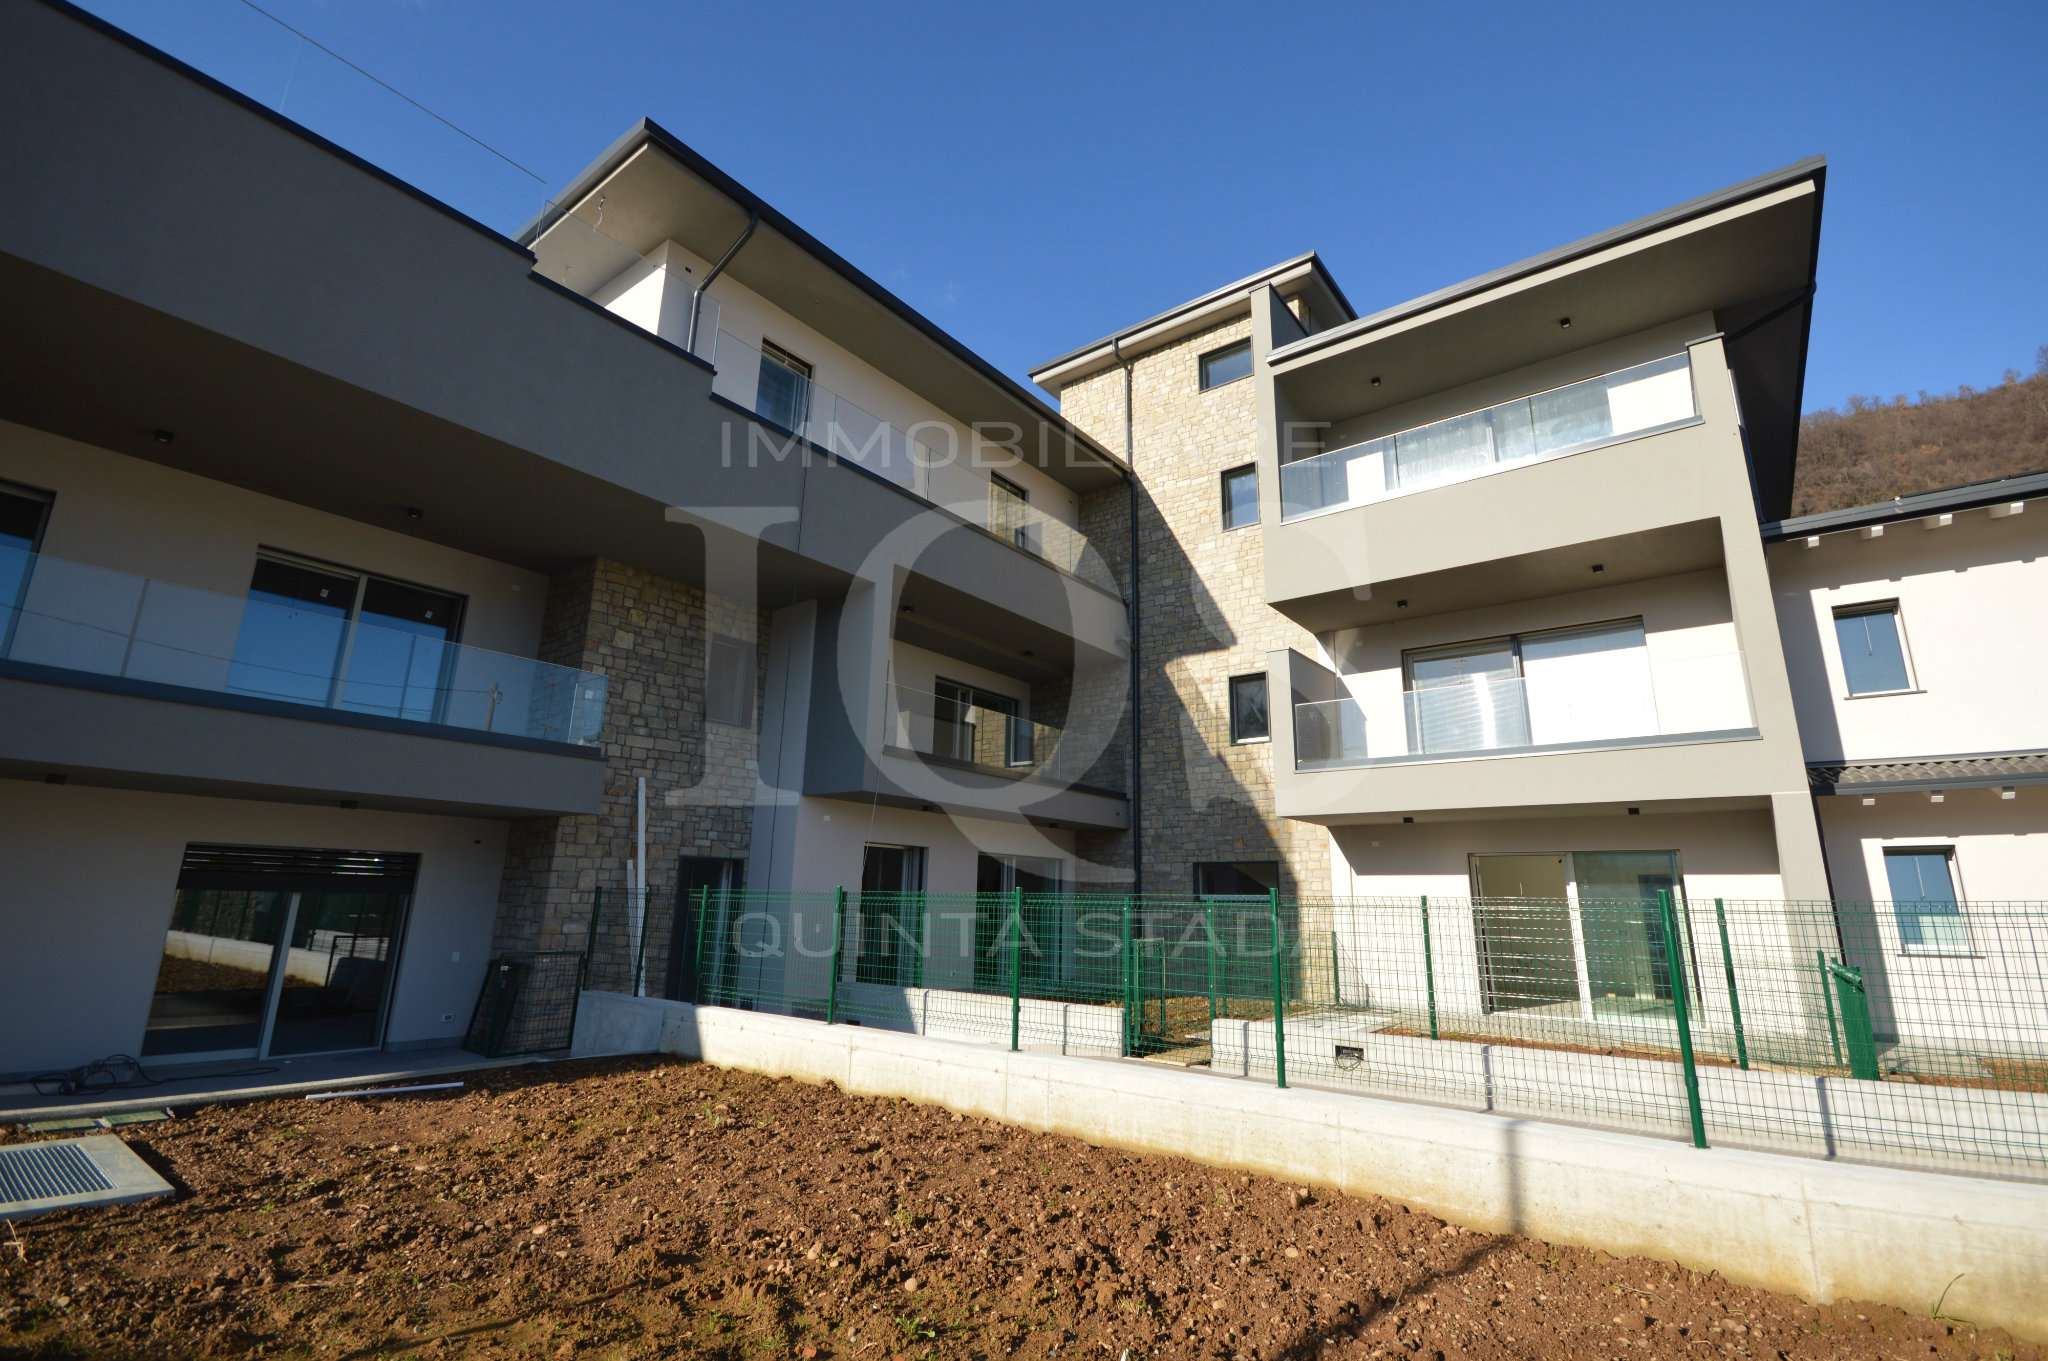 Attico / Mansarda in vendita a Sarnico, 3 locali, prezzo € 335.000   PortaleAgenzieImmobiliari.it